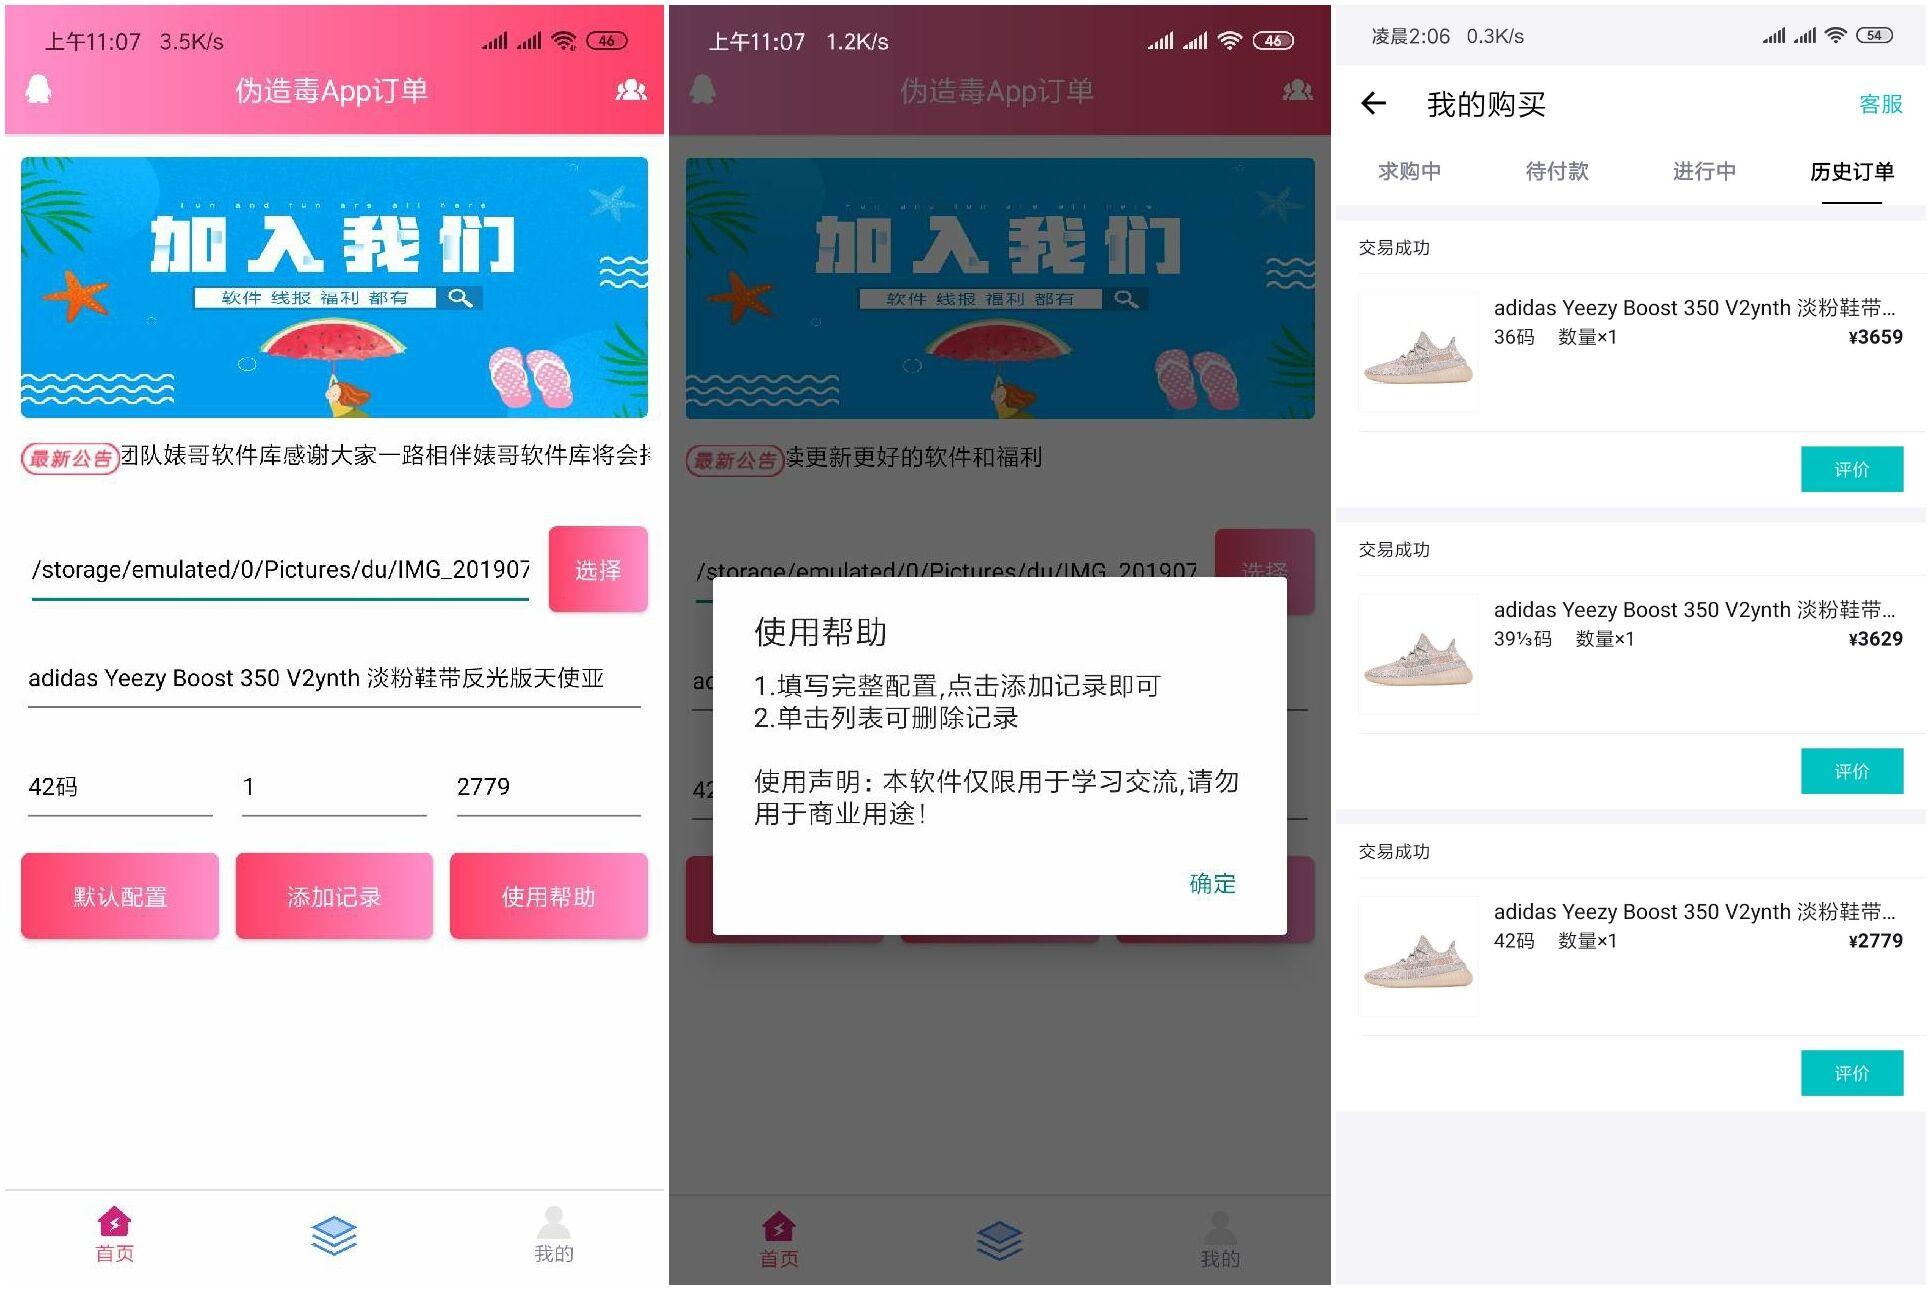 安卓软件改版引荐【虚假毒App订单】